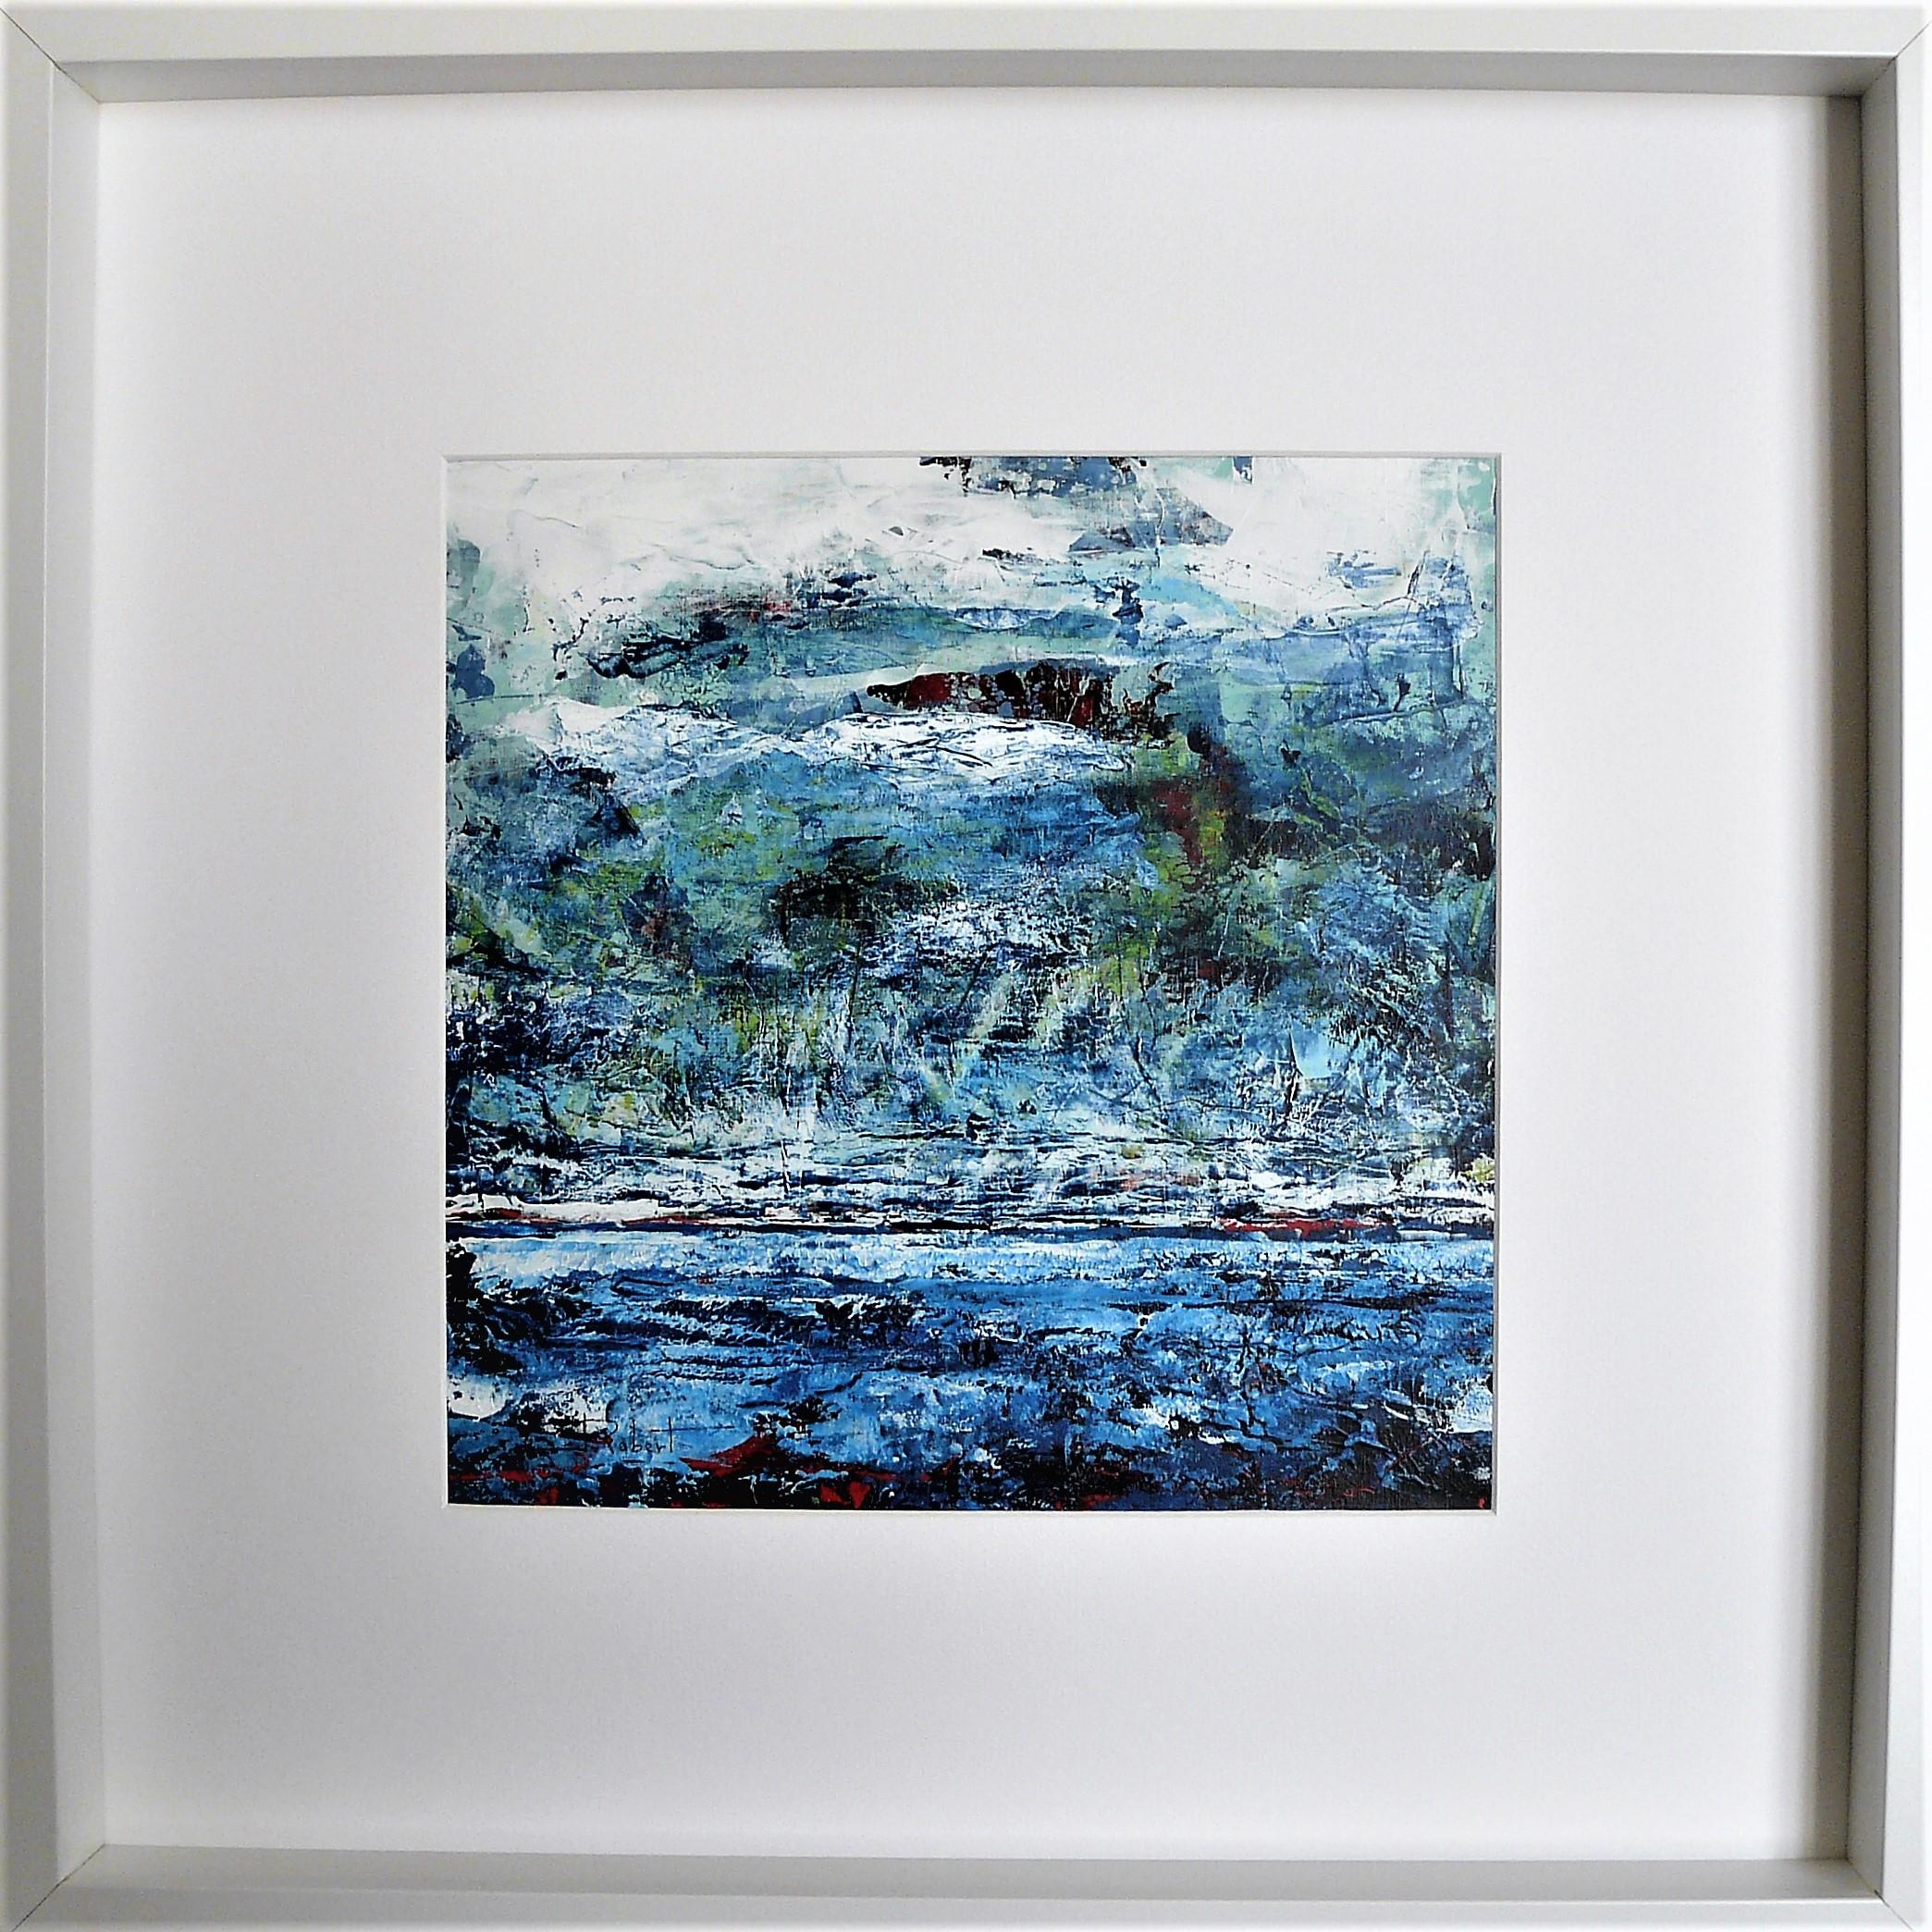 Océan mer pm num 5 acrylique sur papier toilé 30x30 et 50x50 cm avec cadre